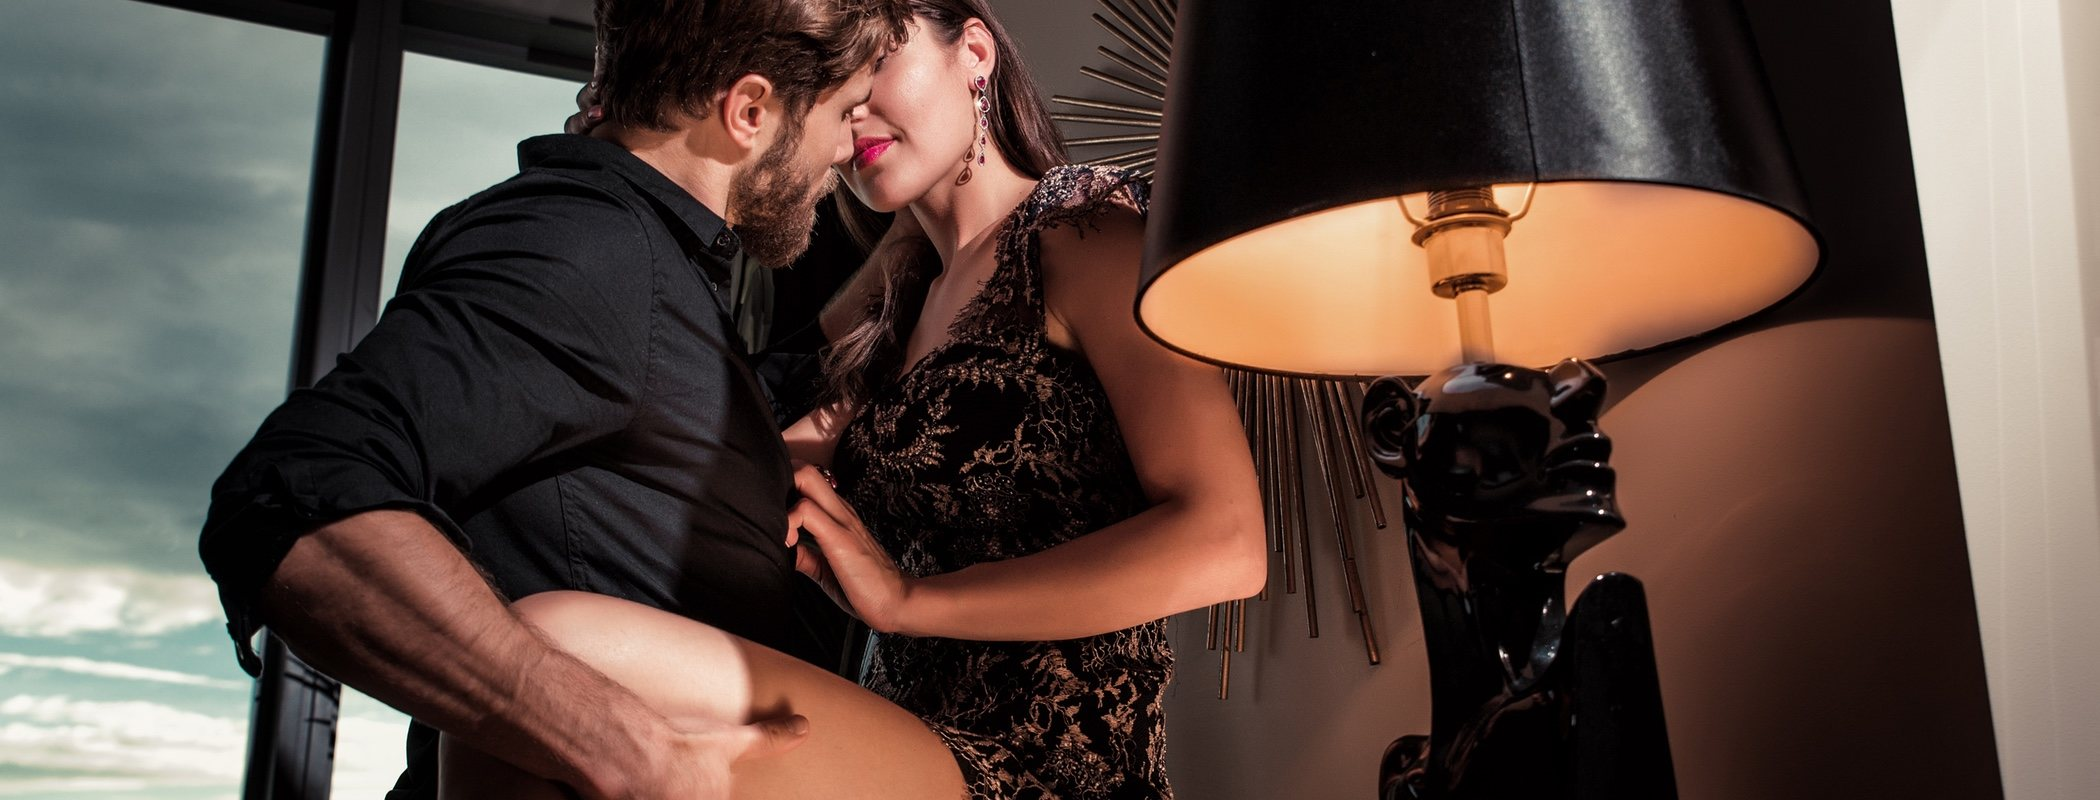 6 motivos para celebrar un Halloween sexual con tu pareja